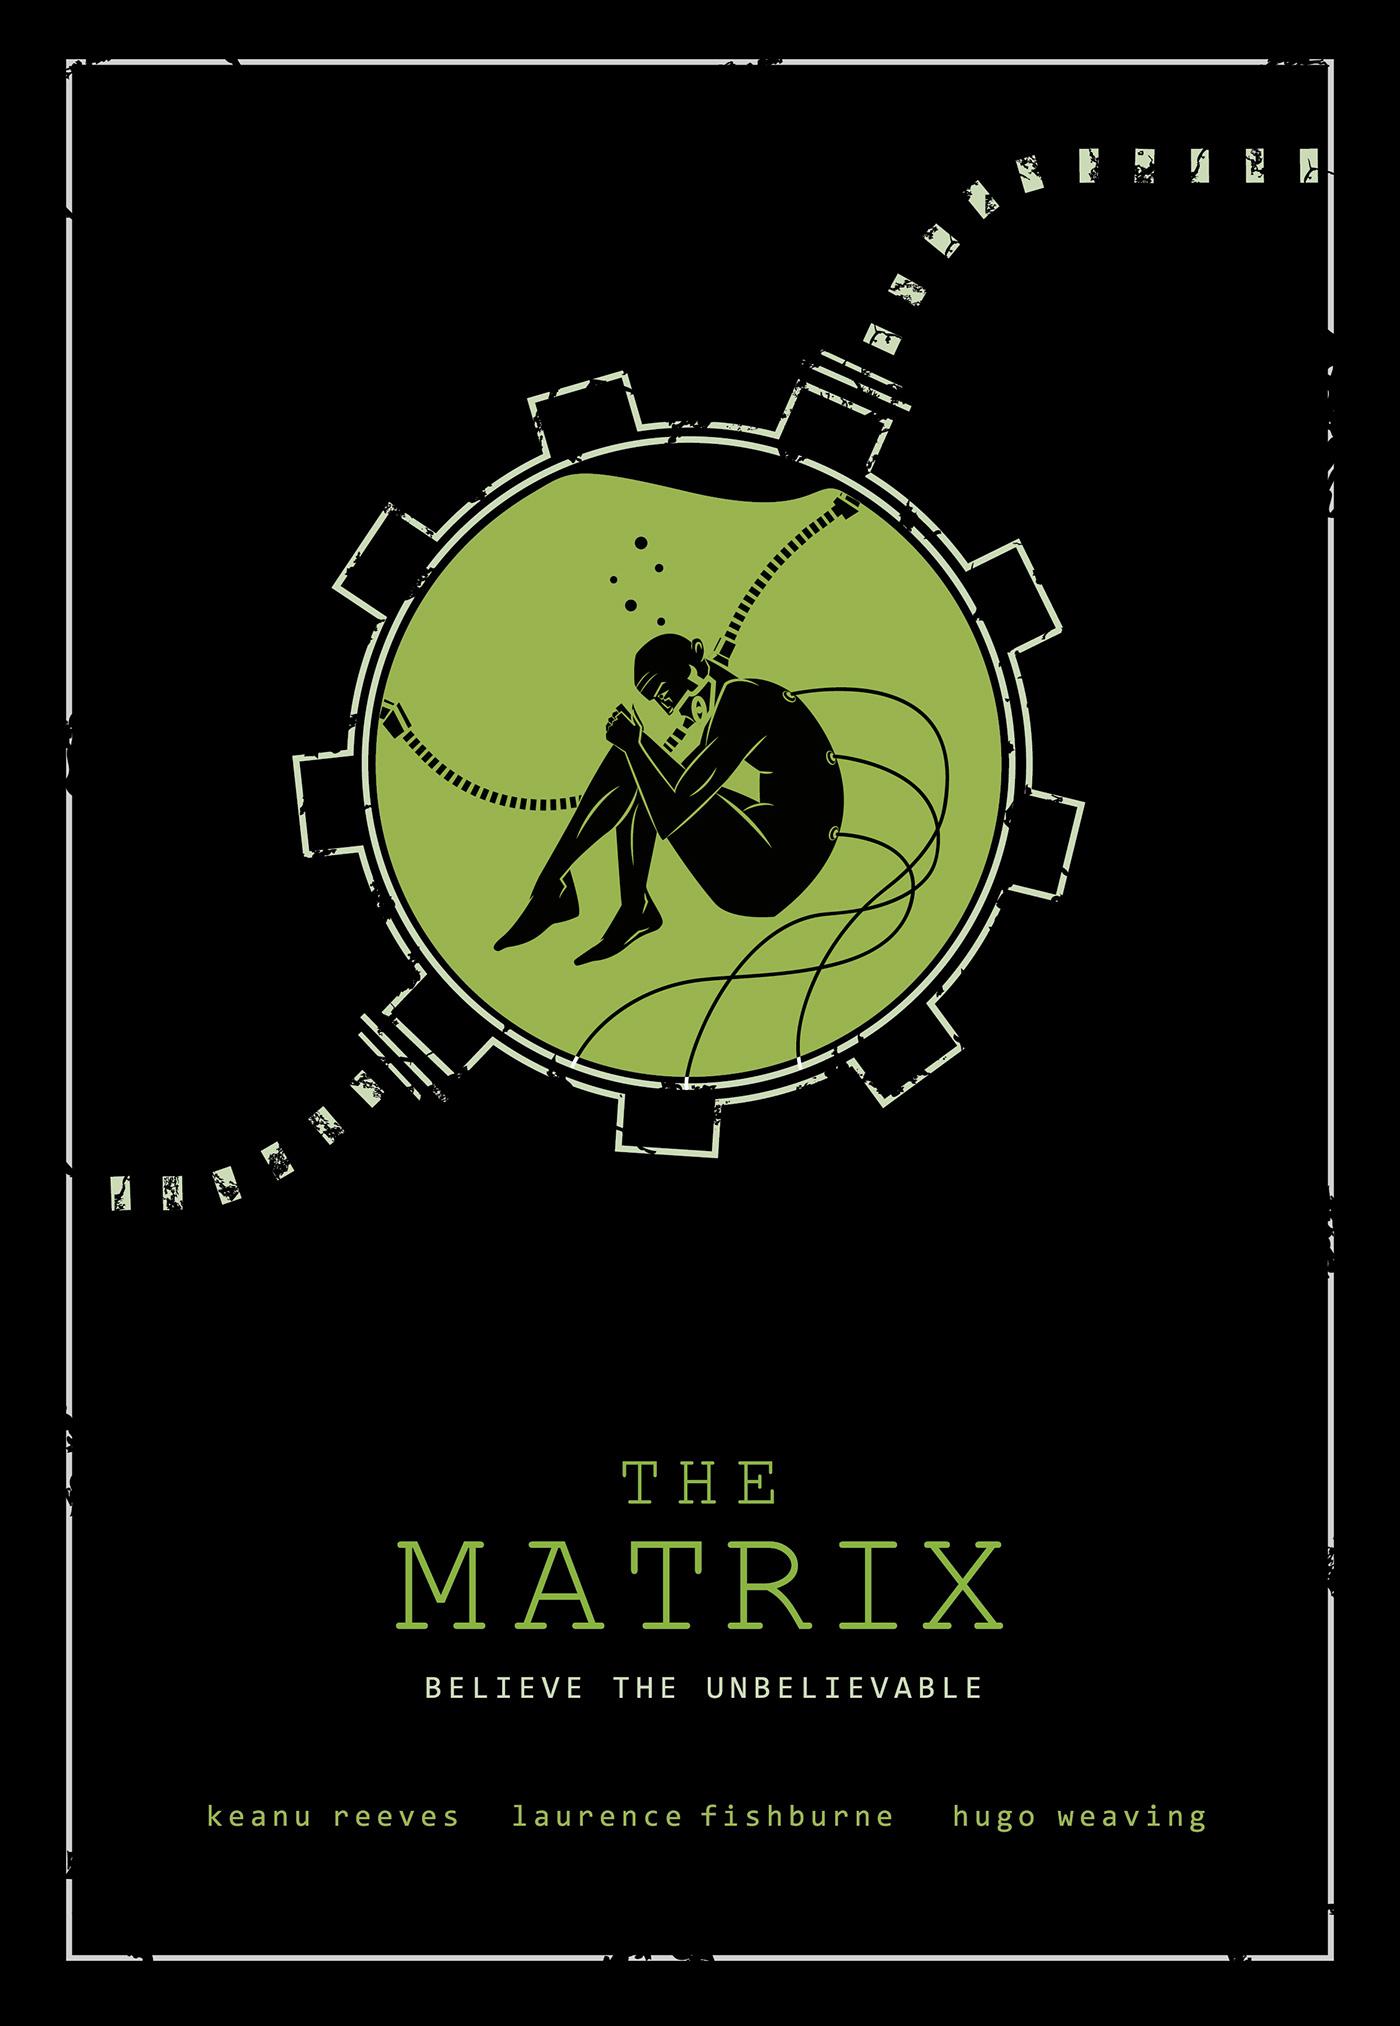 Fan Art Poster For The Matrix On Behance